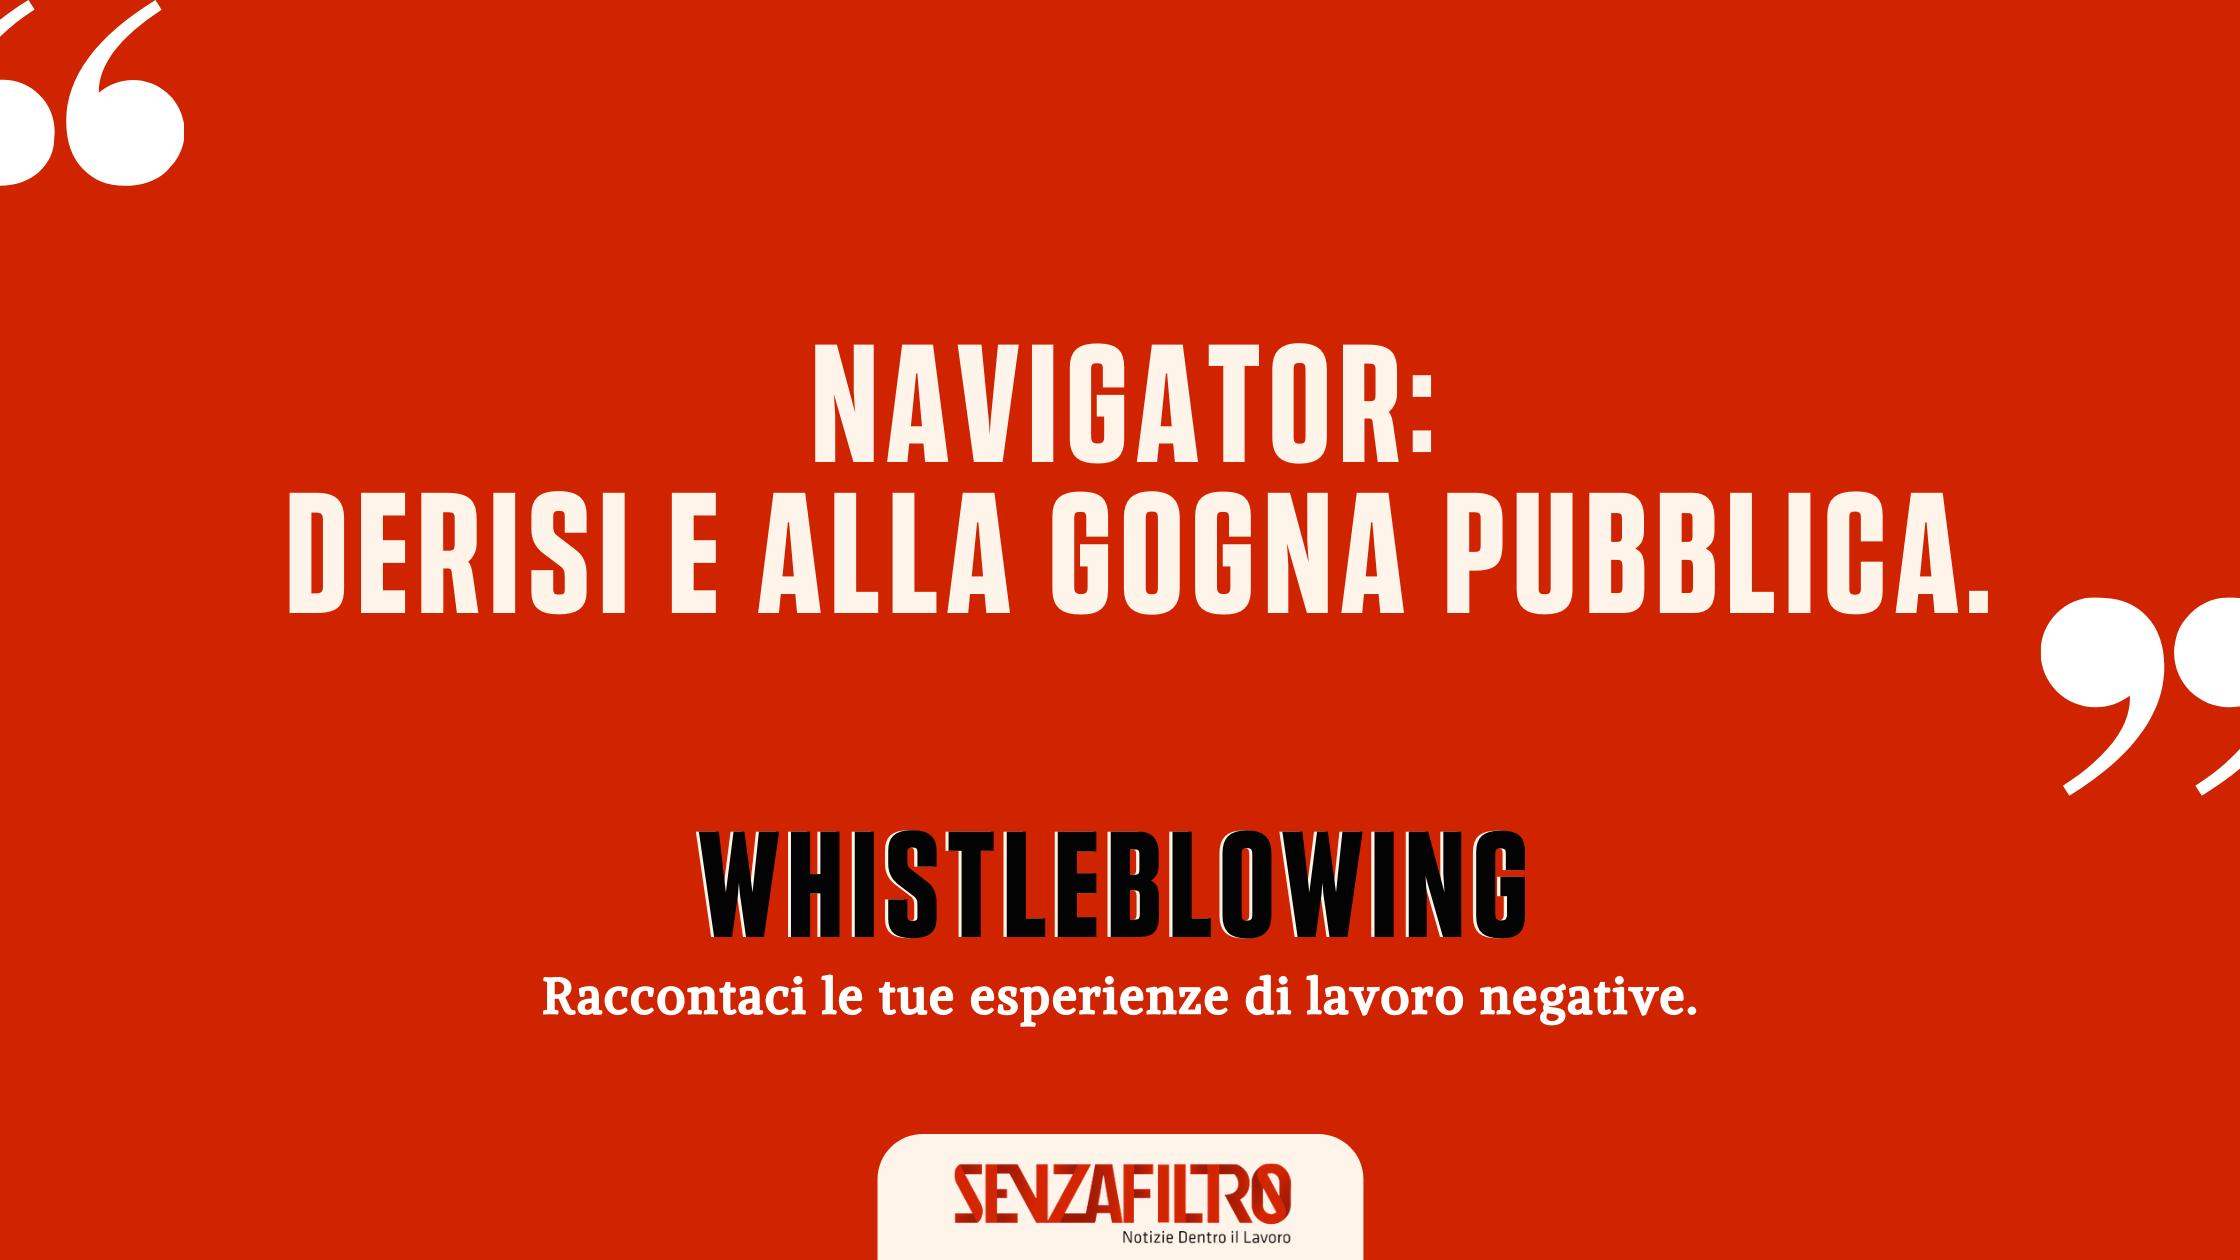 """Whistleblowing: """"Noi navigator lavoriamo da un anno senza normative né strumenti"""""""